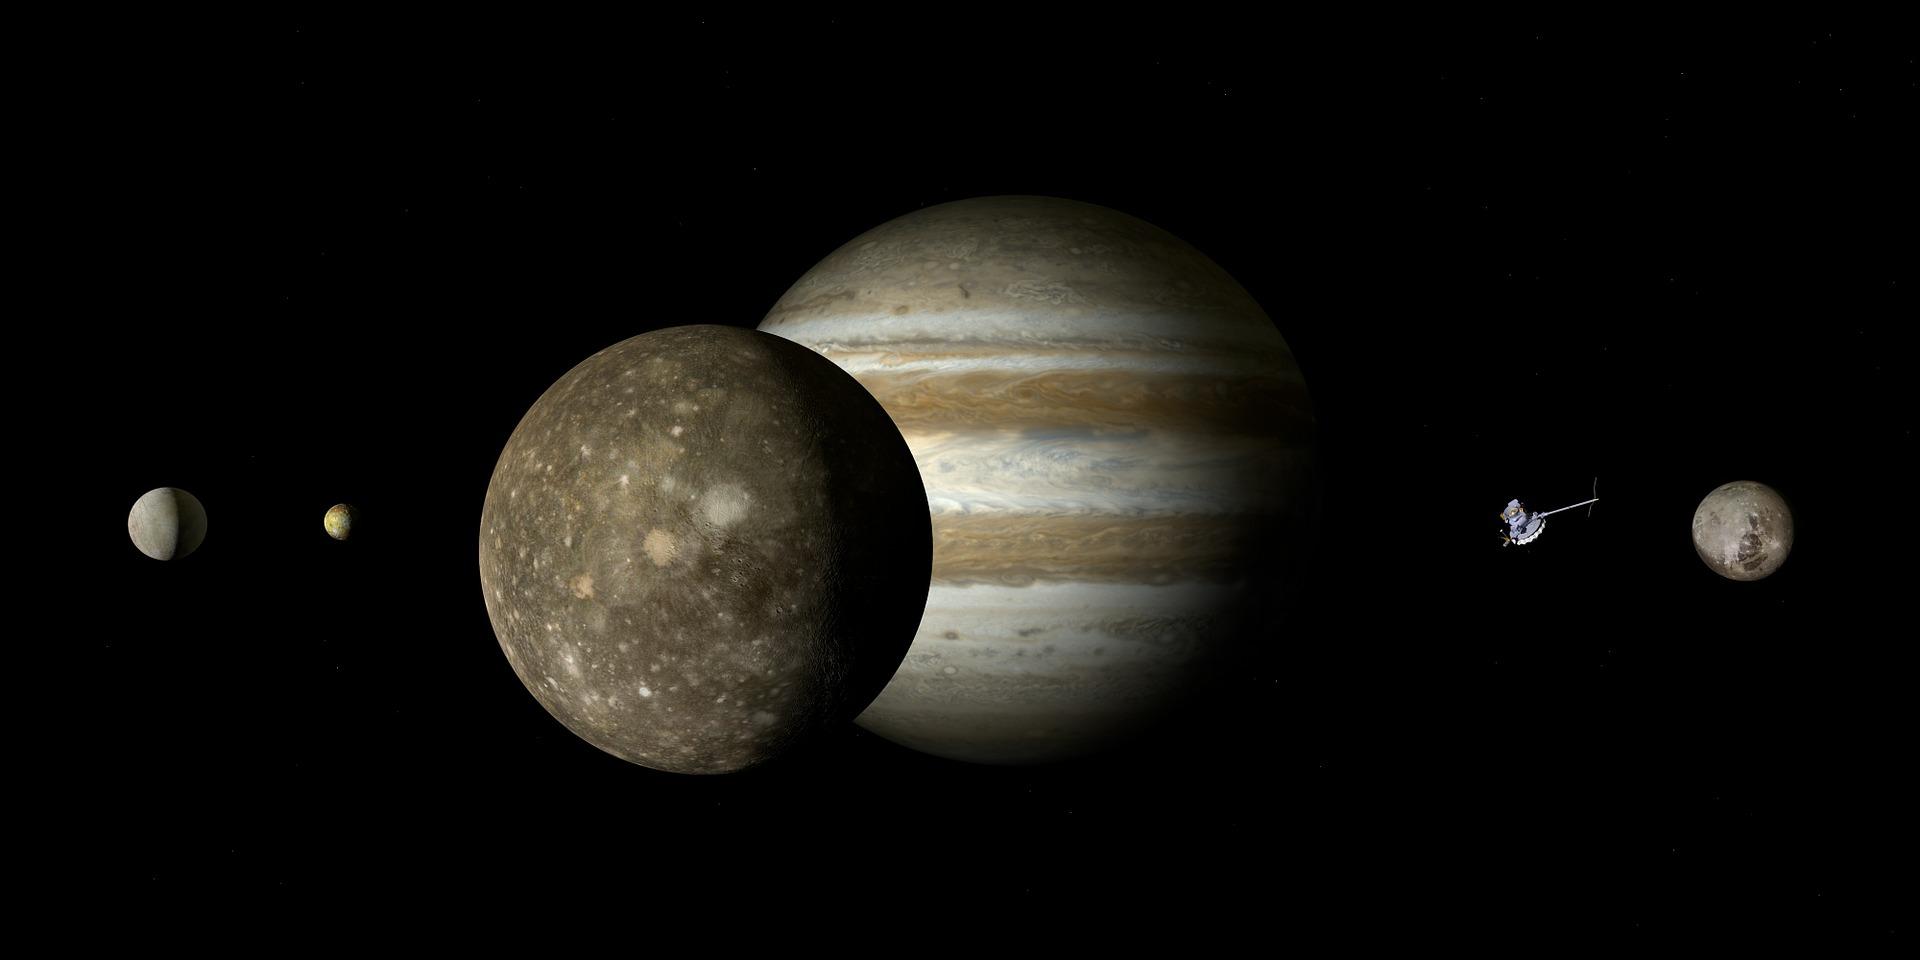 木星の衛星「カリスト」